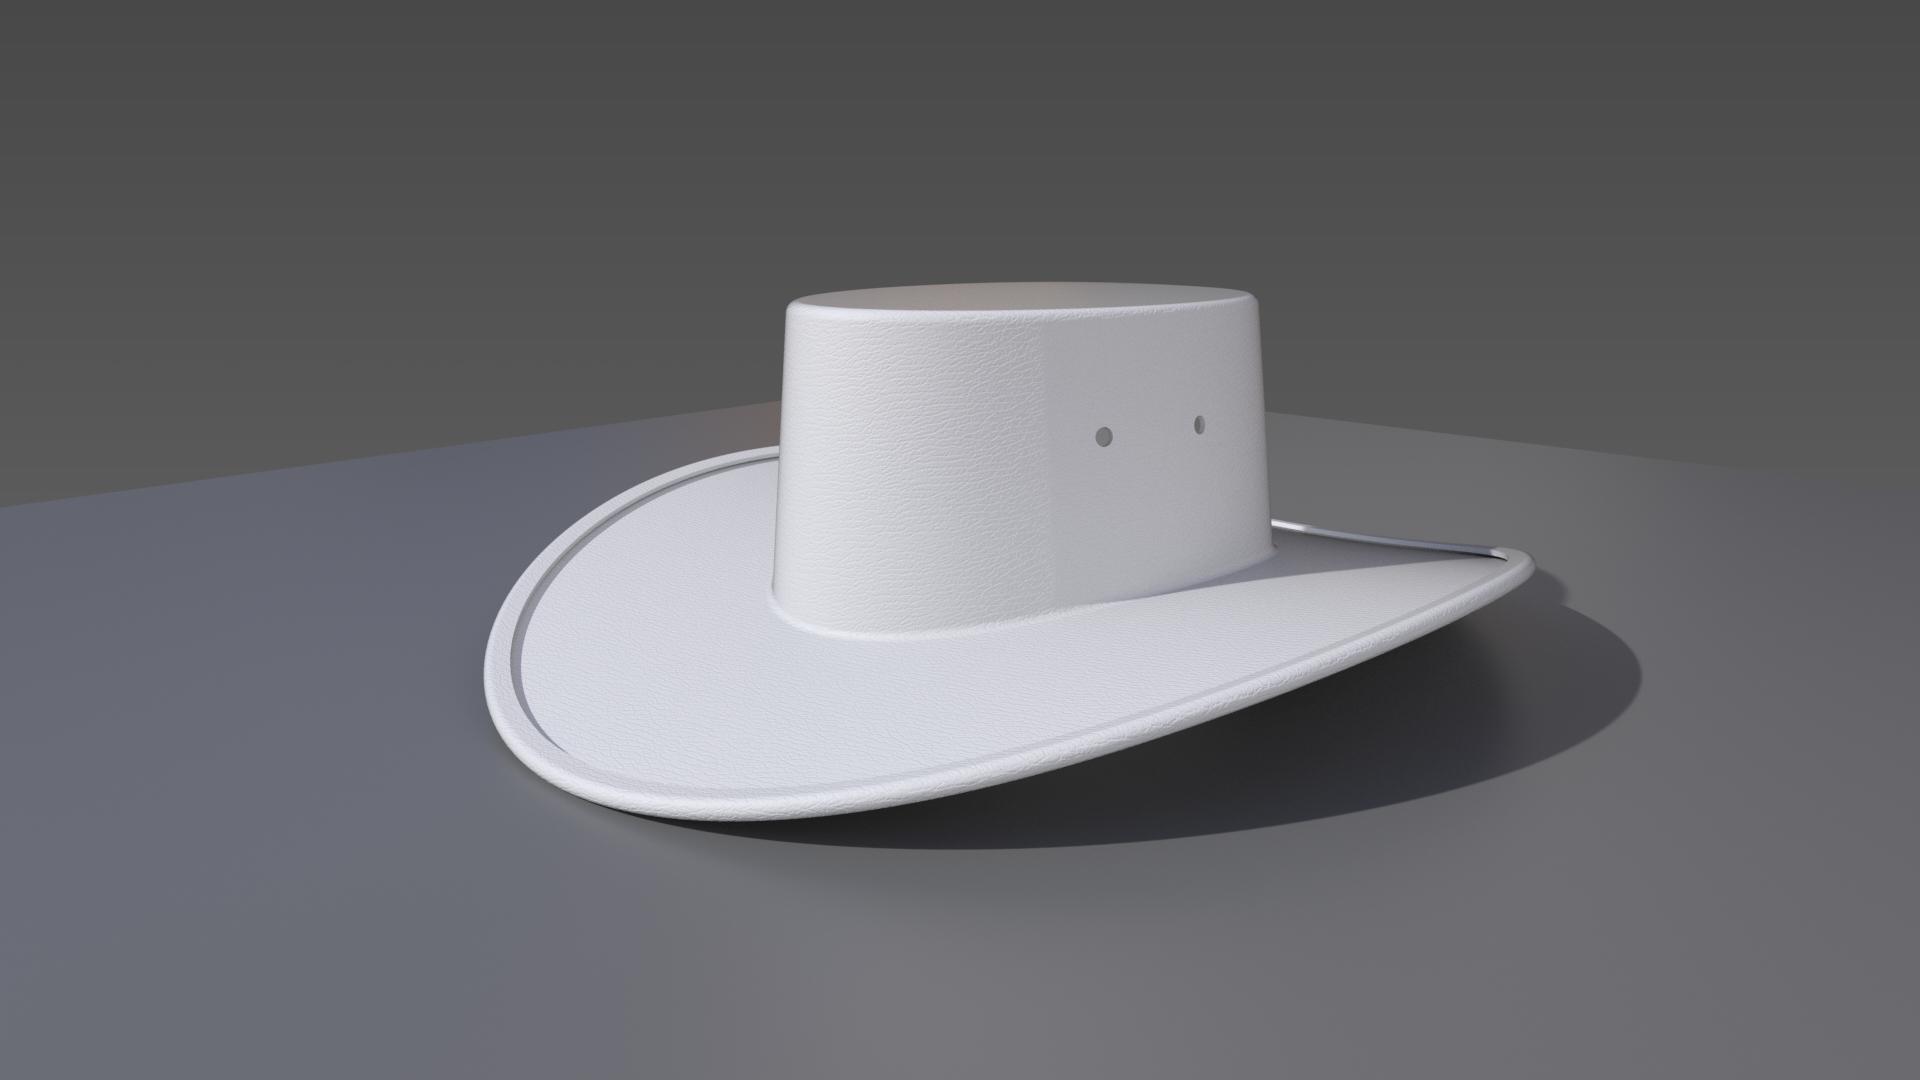 Hatt2.1